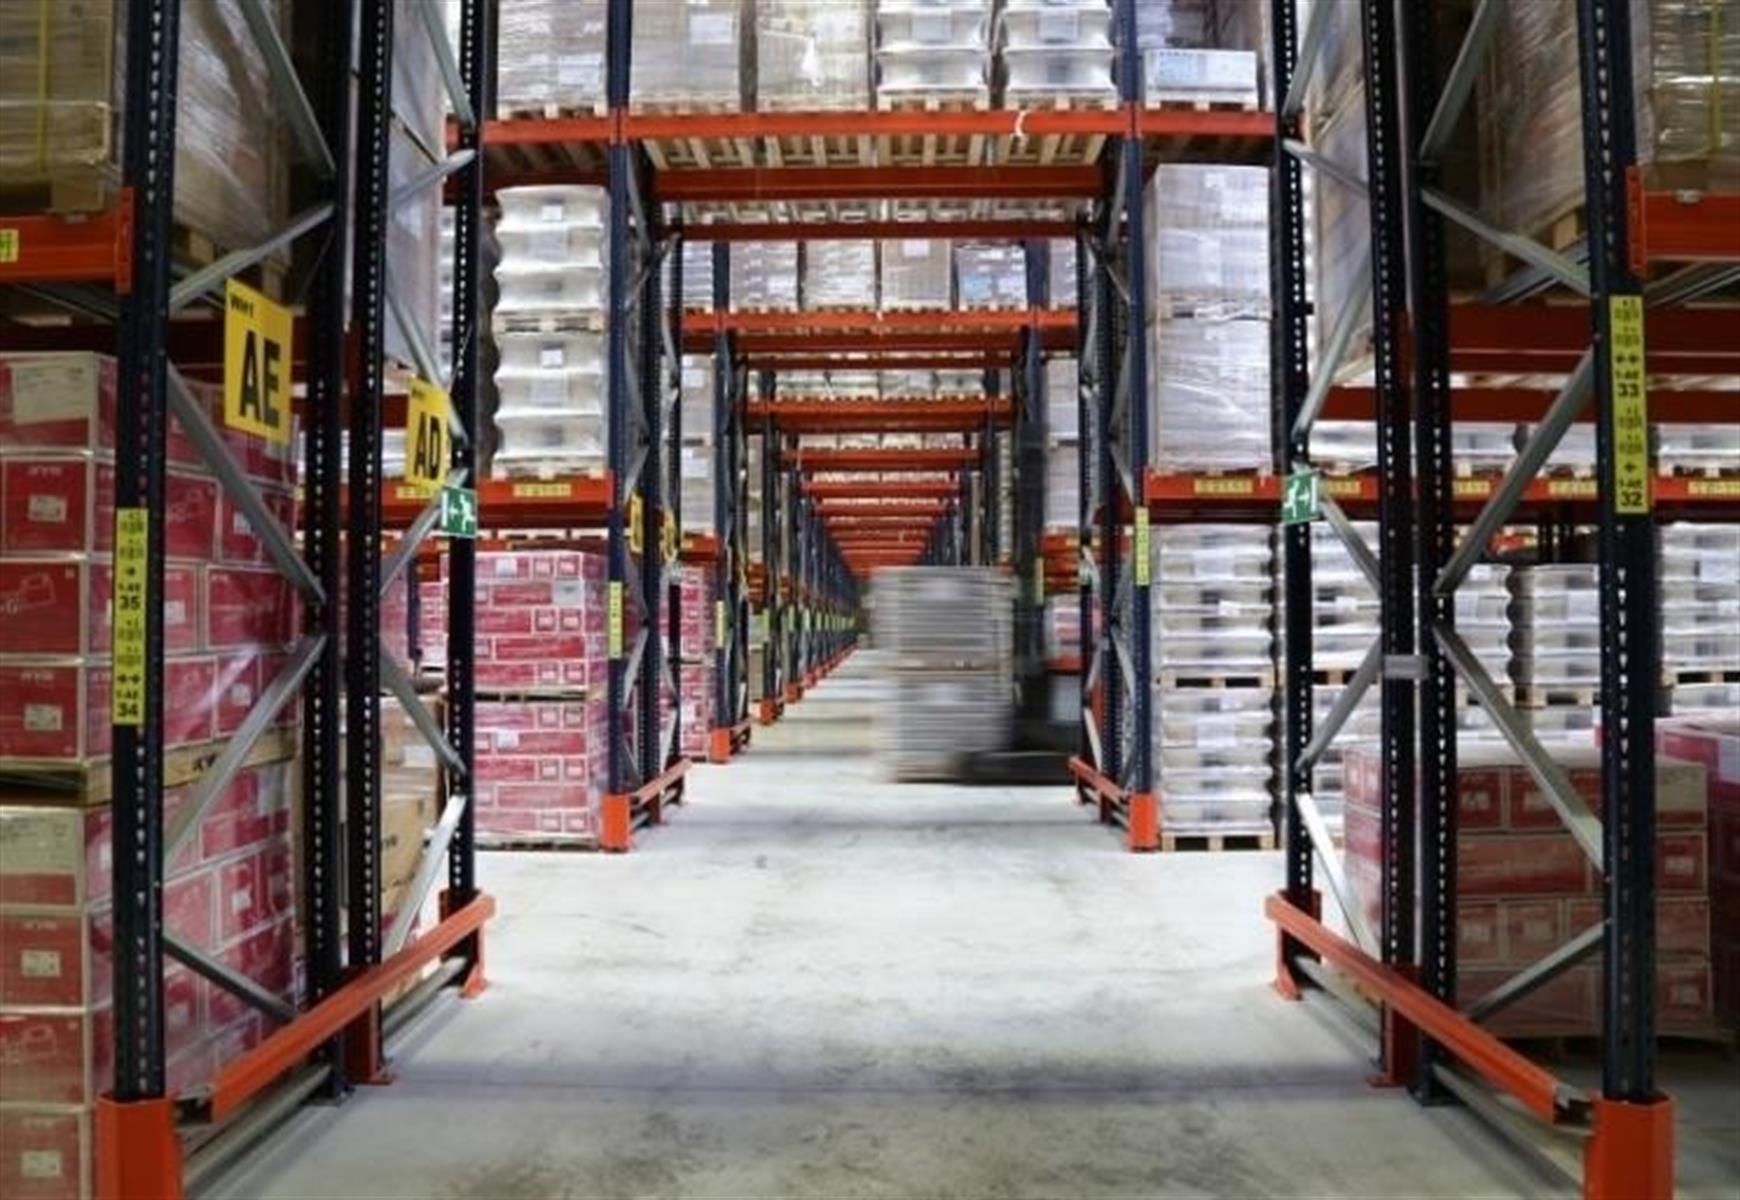 opslagplaats te huur UNIT 8B - Industrieweg 34, 2280 Grobbendonk, België 14